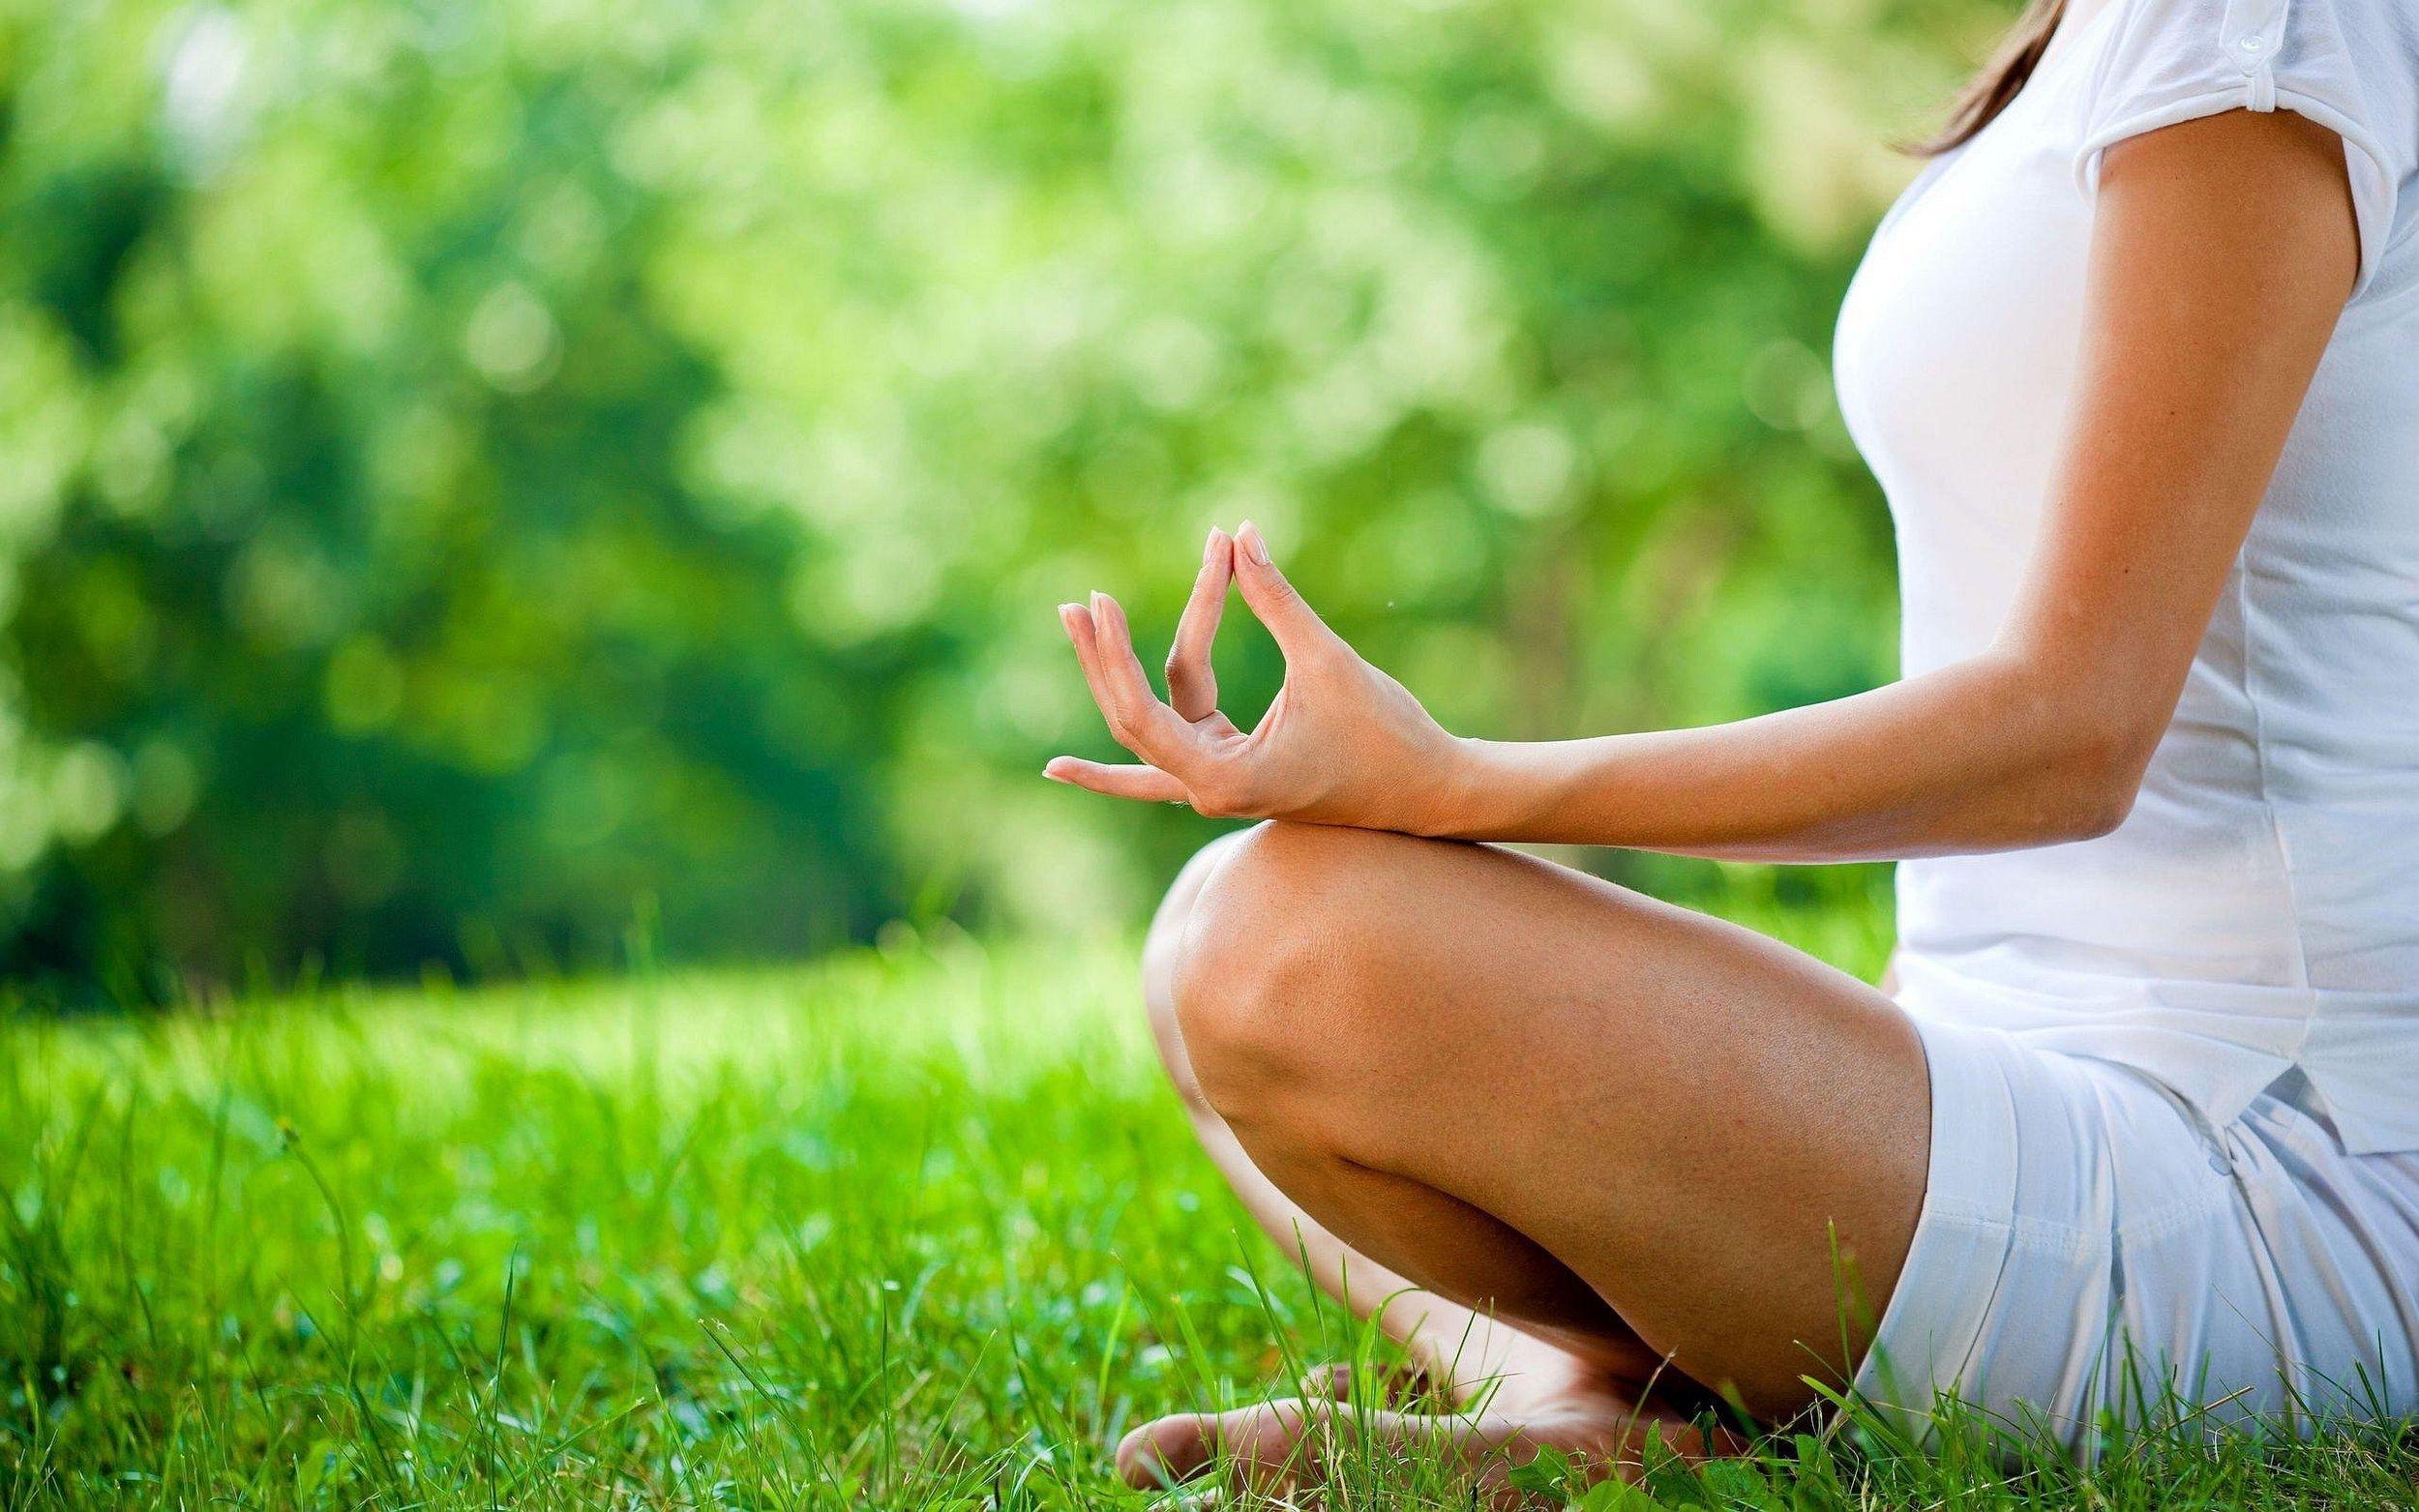 Image Credit: Organic Lifestyle Magazine